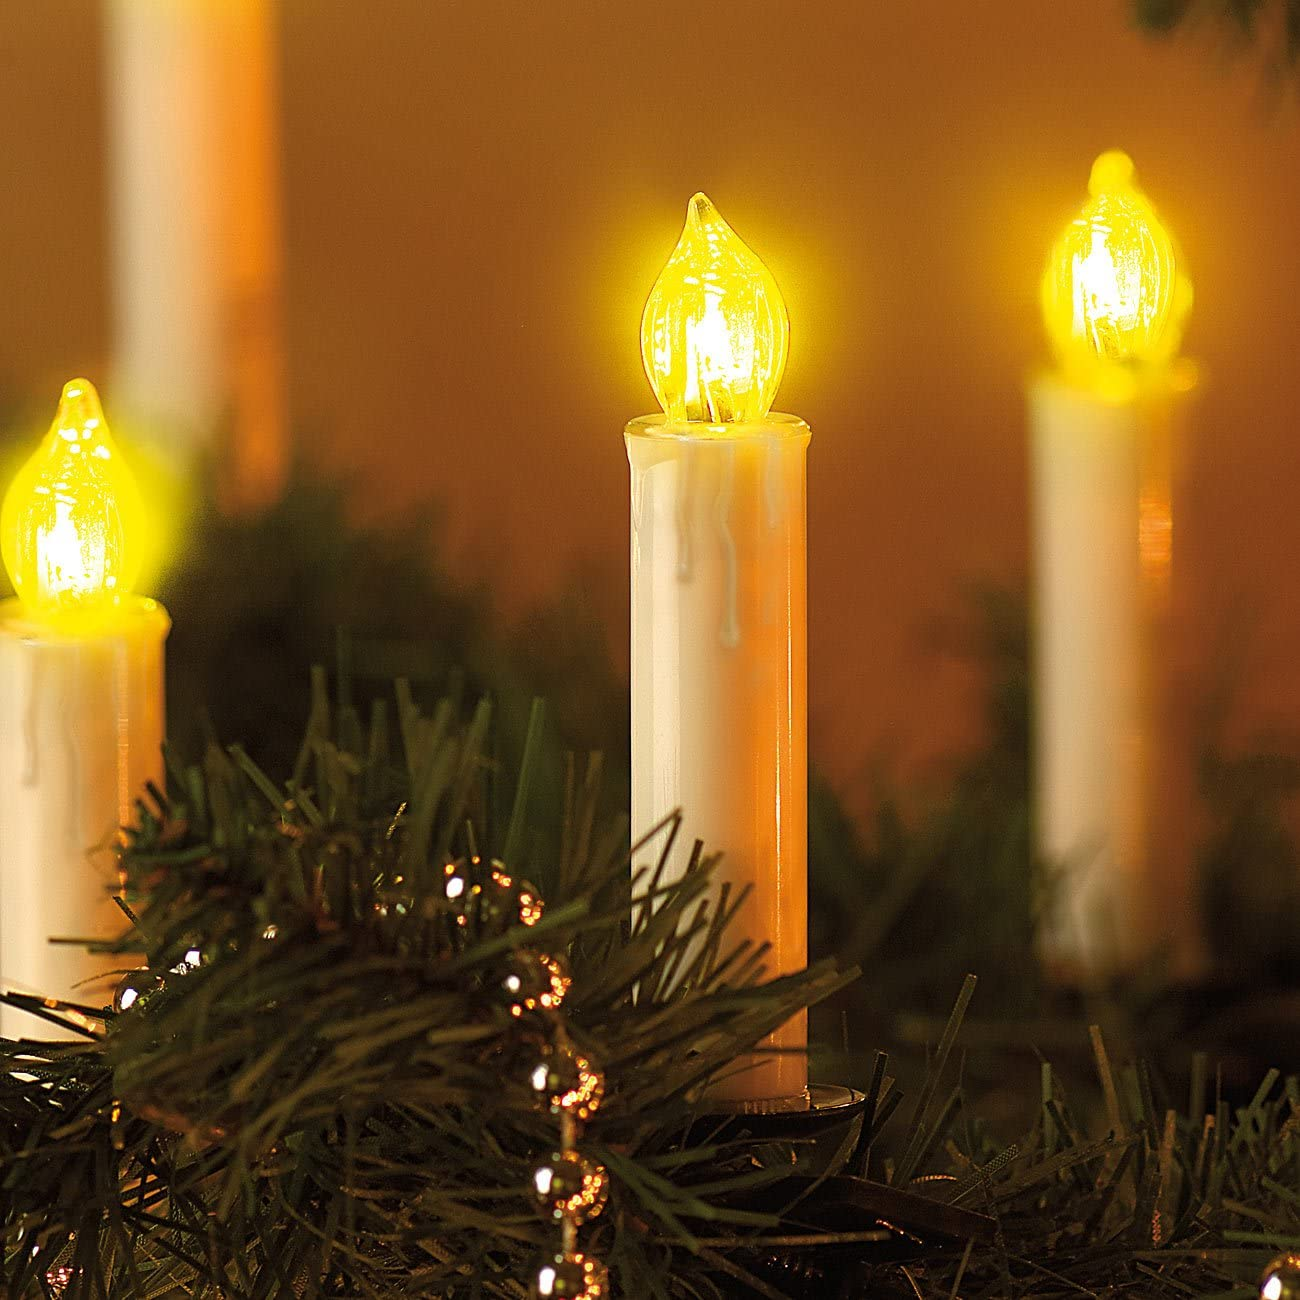 LED-Weihnachtsbaum-Lichterkette mit 20 Kerzen Christbaum Lichterkette LED 3 Watt Lunartec Kerzenlichterkette